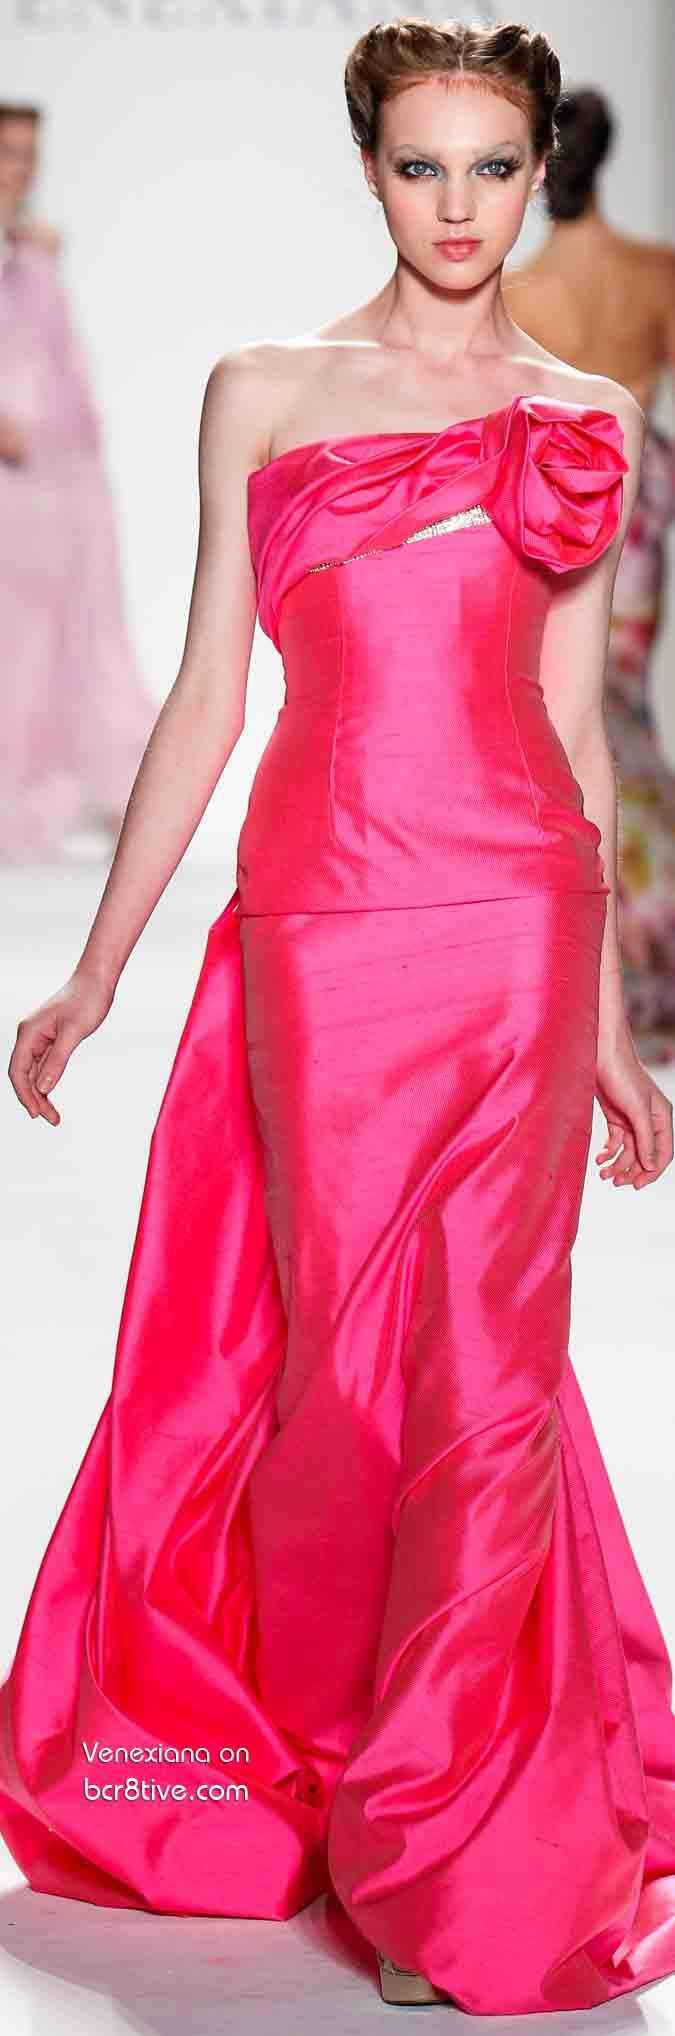 Increíble Vestidos De Dama De Rosa Bastante Colección de Imágenes ...